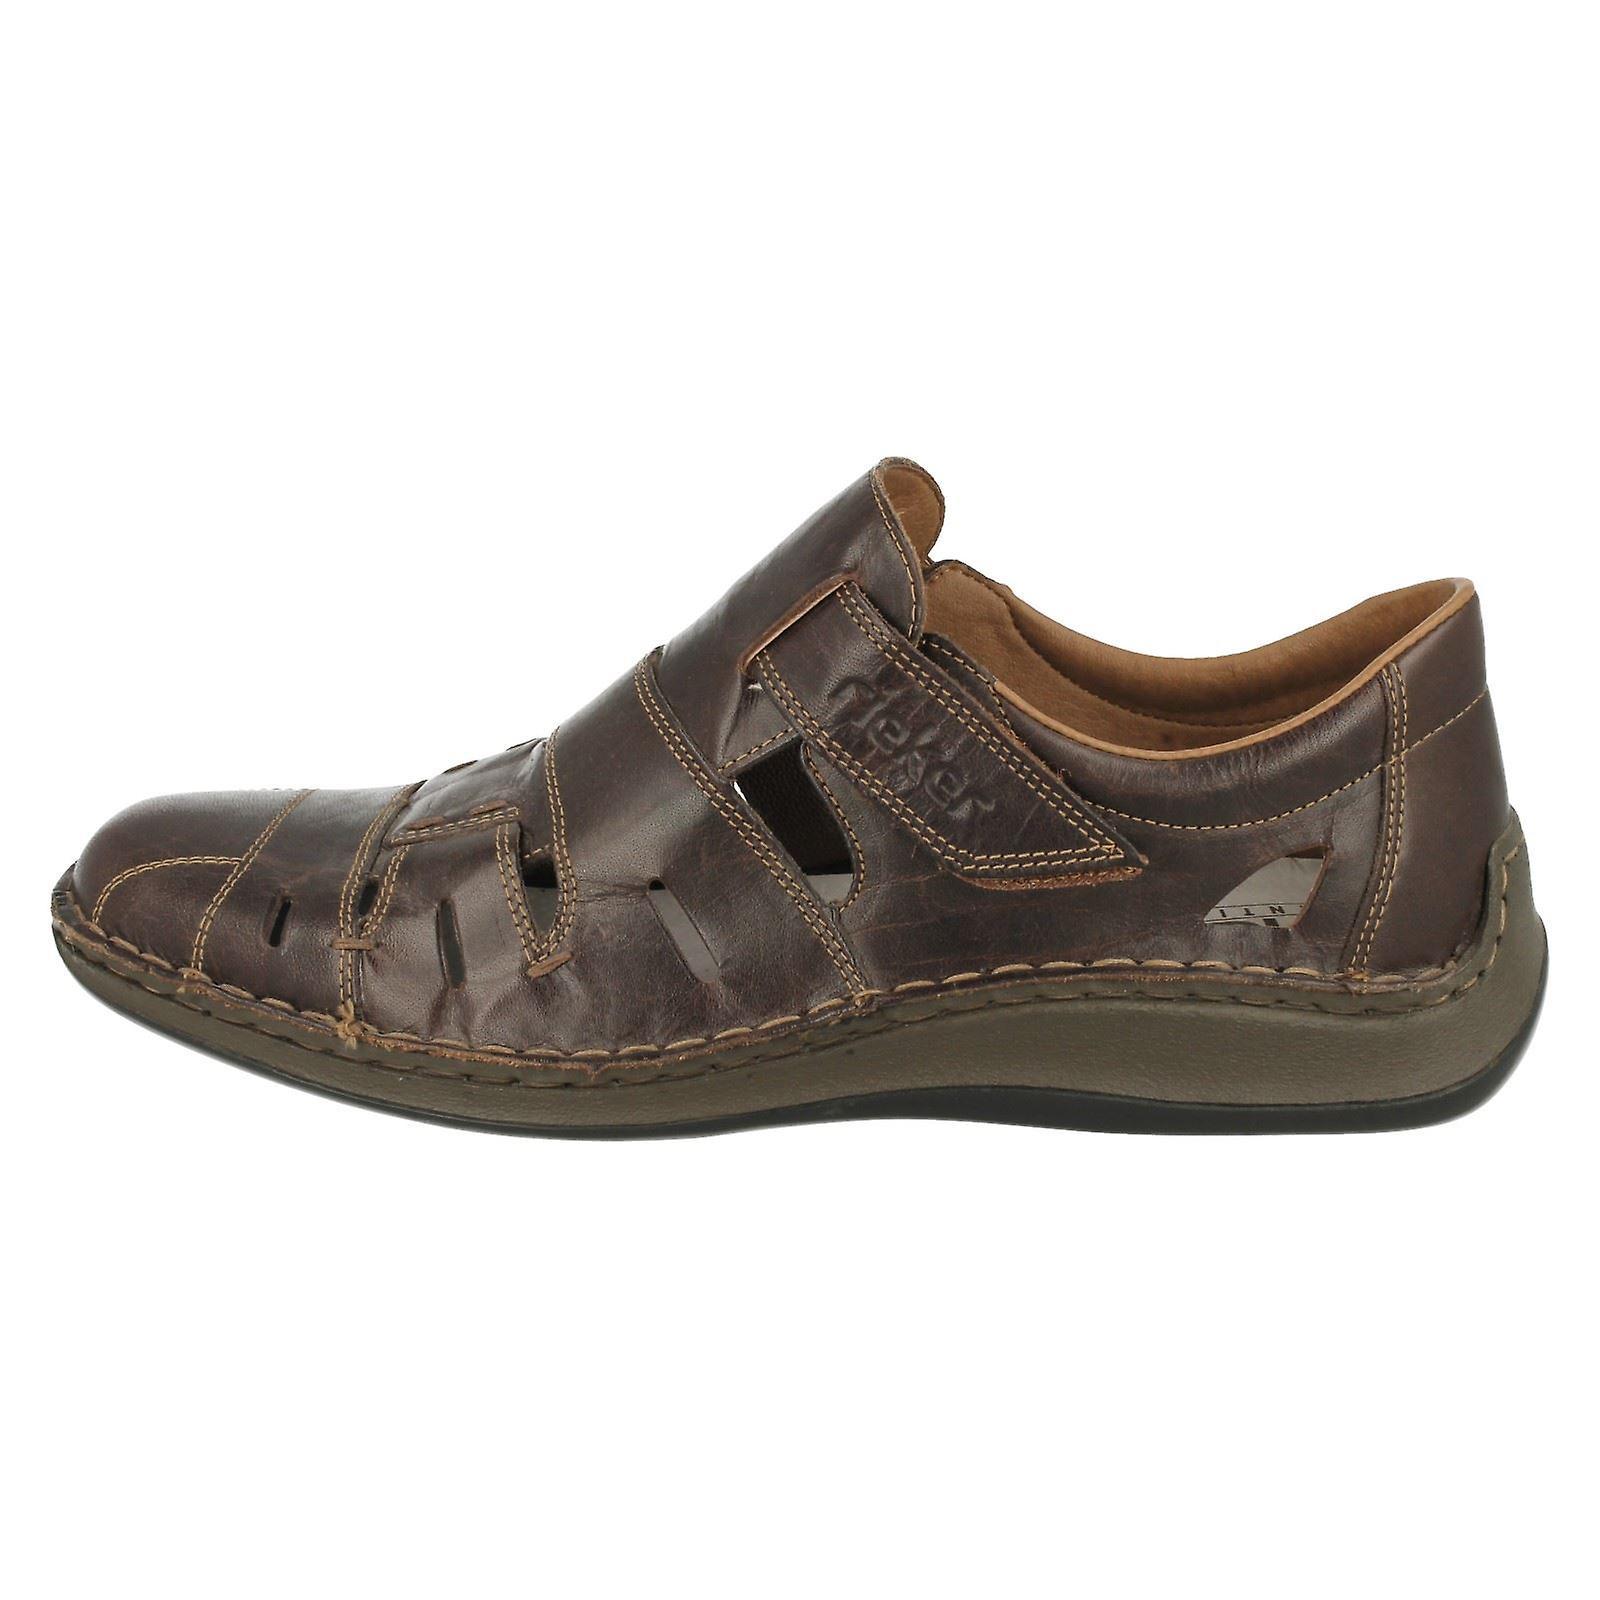 Mens Rieker Extra large fermé orteils sandales 05267 - Remise particulière